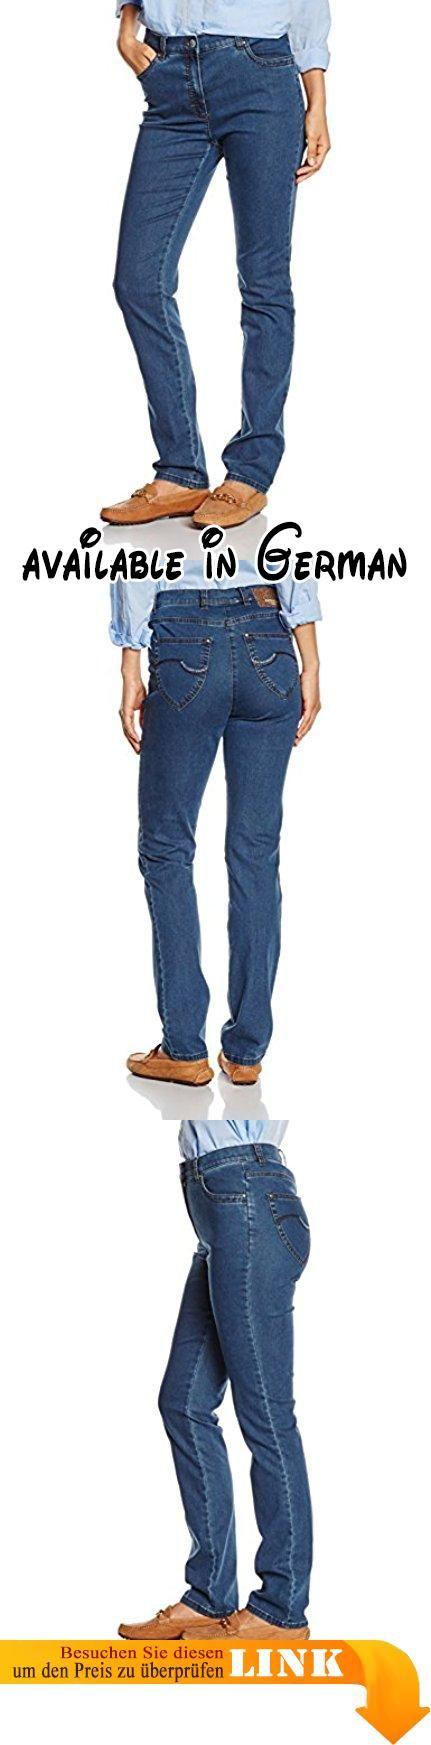 Raphaela by Brax Damen Jeanshose 10-6220 Ina Fame (Super Slim), Blau (Stoned 25), W38/L32 (Herstellergröße: 48). Super Dynamic: Superschlanke Five-Pocket-Jeans in hochelastischer Qualität. Nur eine Hose, die gut sitzt, sieht gut aus. Diese moderne Damenjeans brilliert mit perfekter Passform und höchstem Tragekomfort. Dafür sorgt der Super Dynamic, ein extrem hochelastischer Denim, mit hoher Formstabilität und besten Rücksprungswerten. Diese Qualität zaubert bei dieser